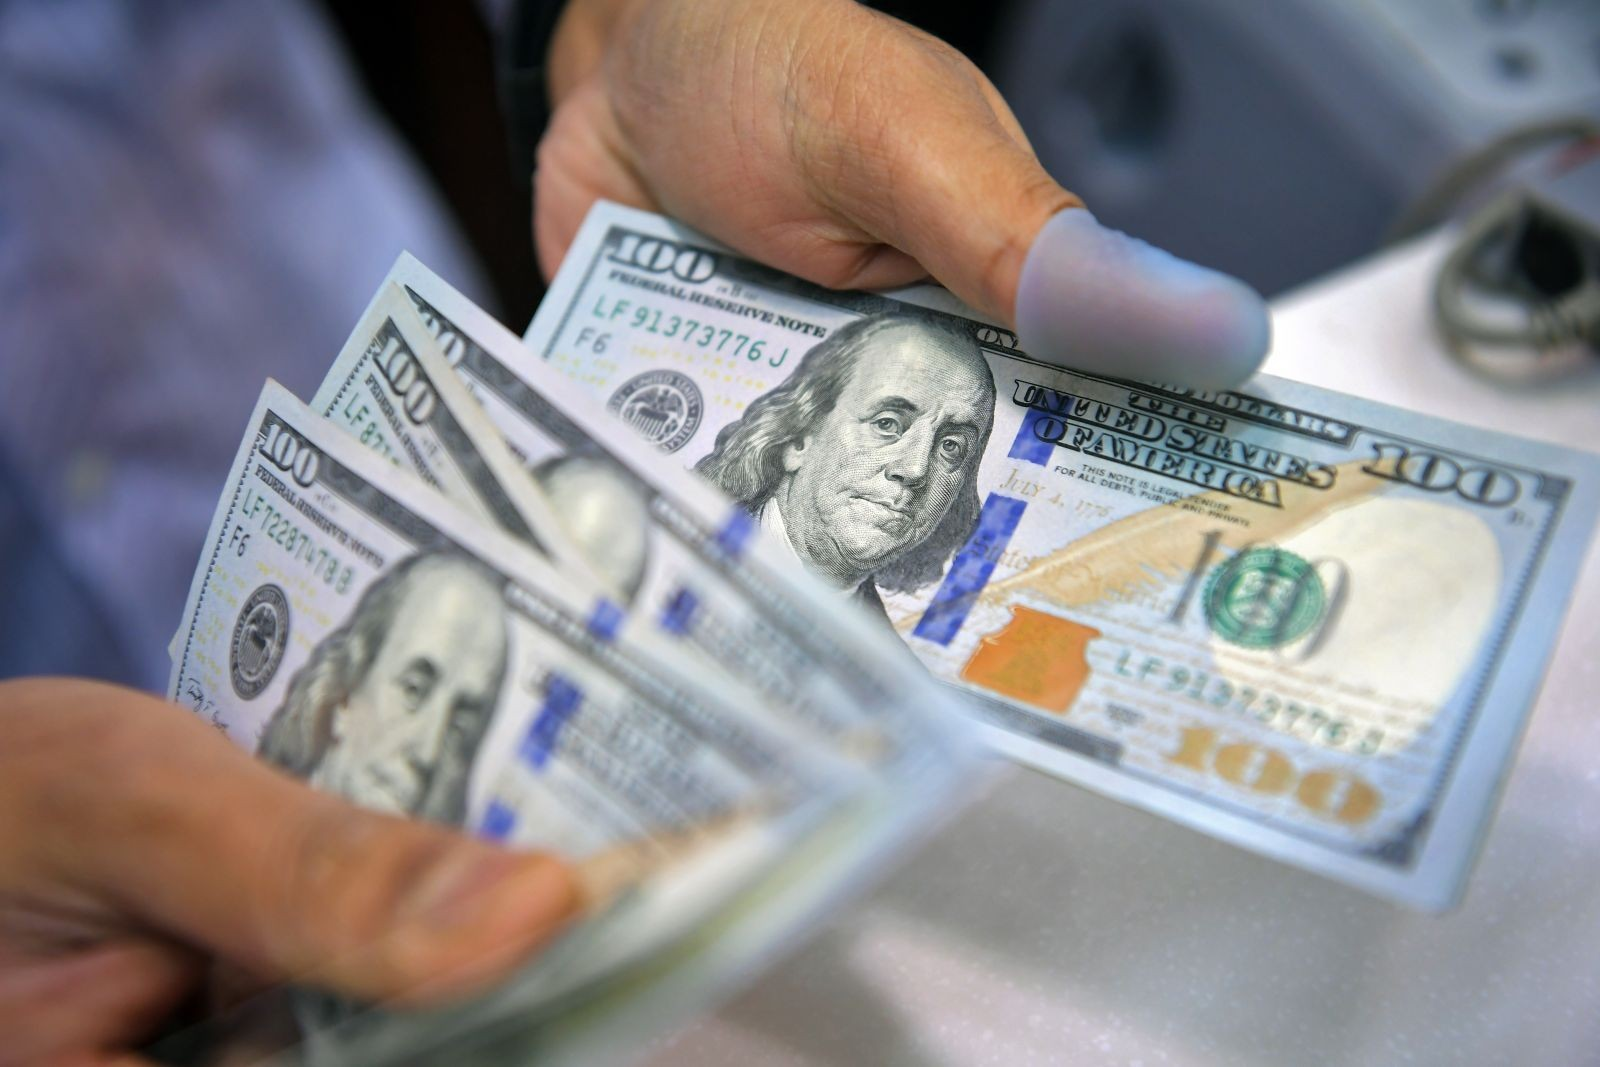 بعد انخفاضه لأدنى مستوى.. تعرف على أسعار الدولار اليوم في البنوك